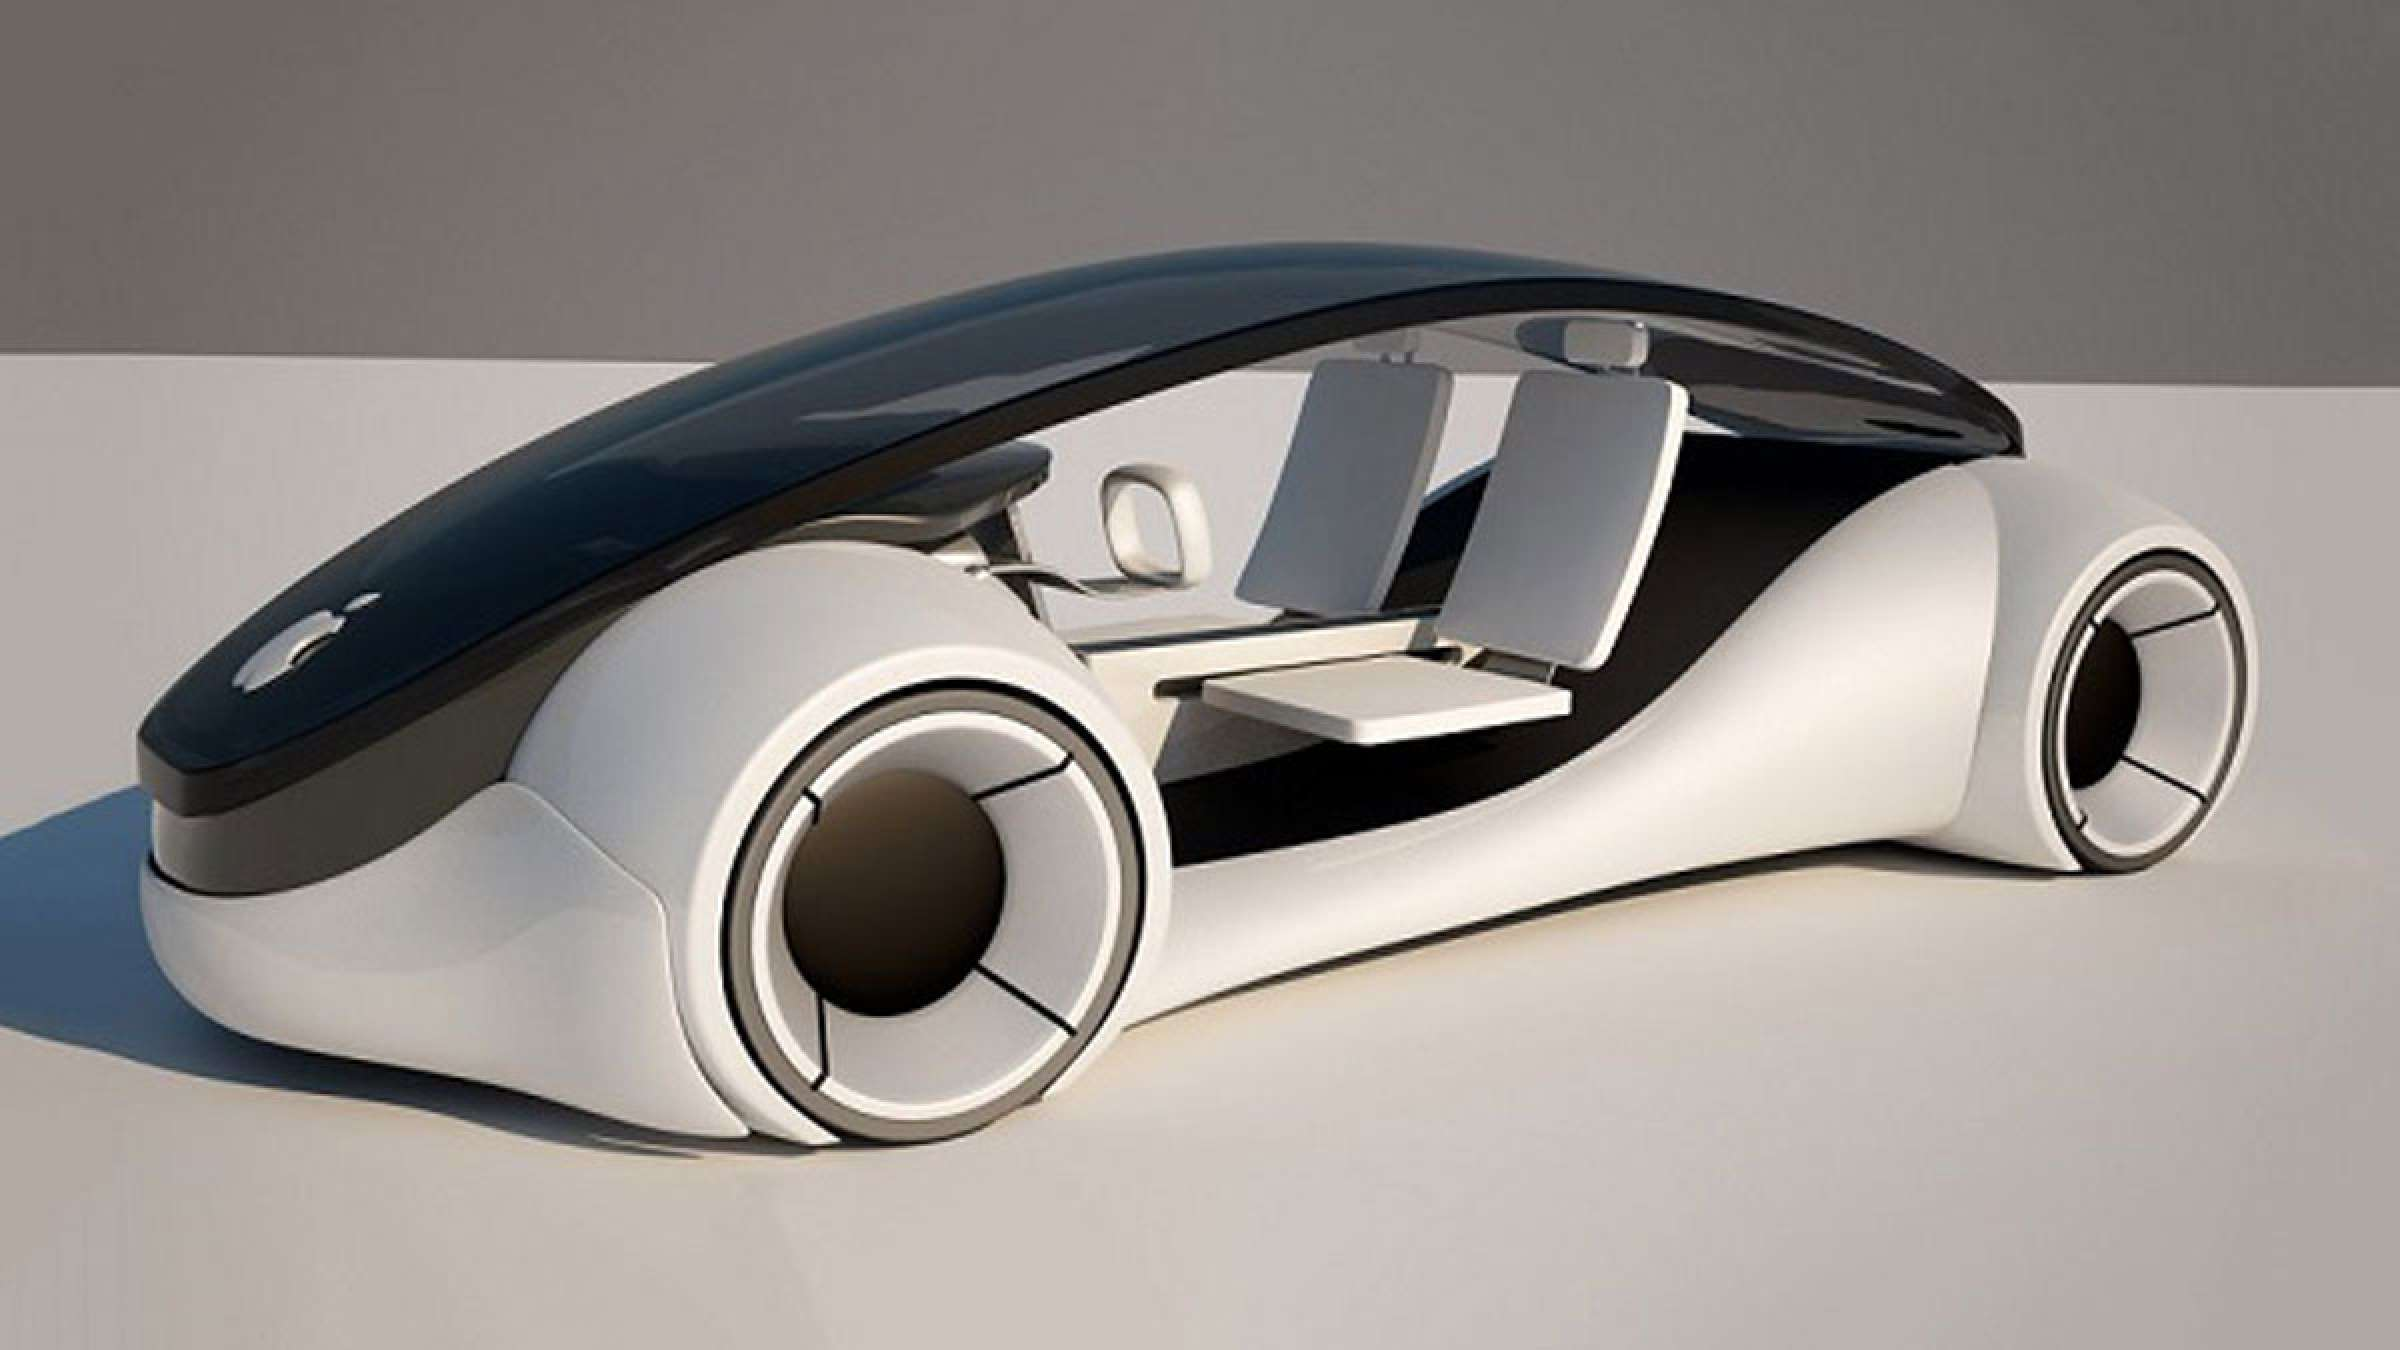 اخبار-تکنولوژی-اپل-قراردادهای-ساخت-خودرو-خود-را-با-دو-کمپانی-غول-دیگر-امضاء-می-کند